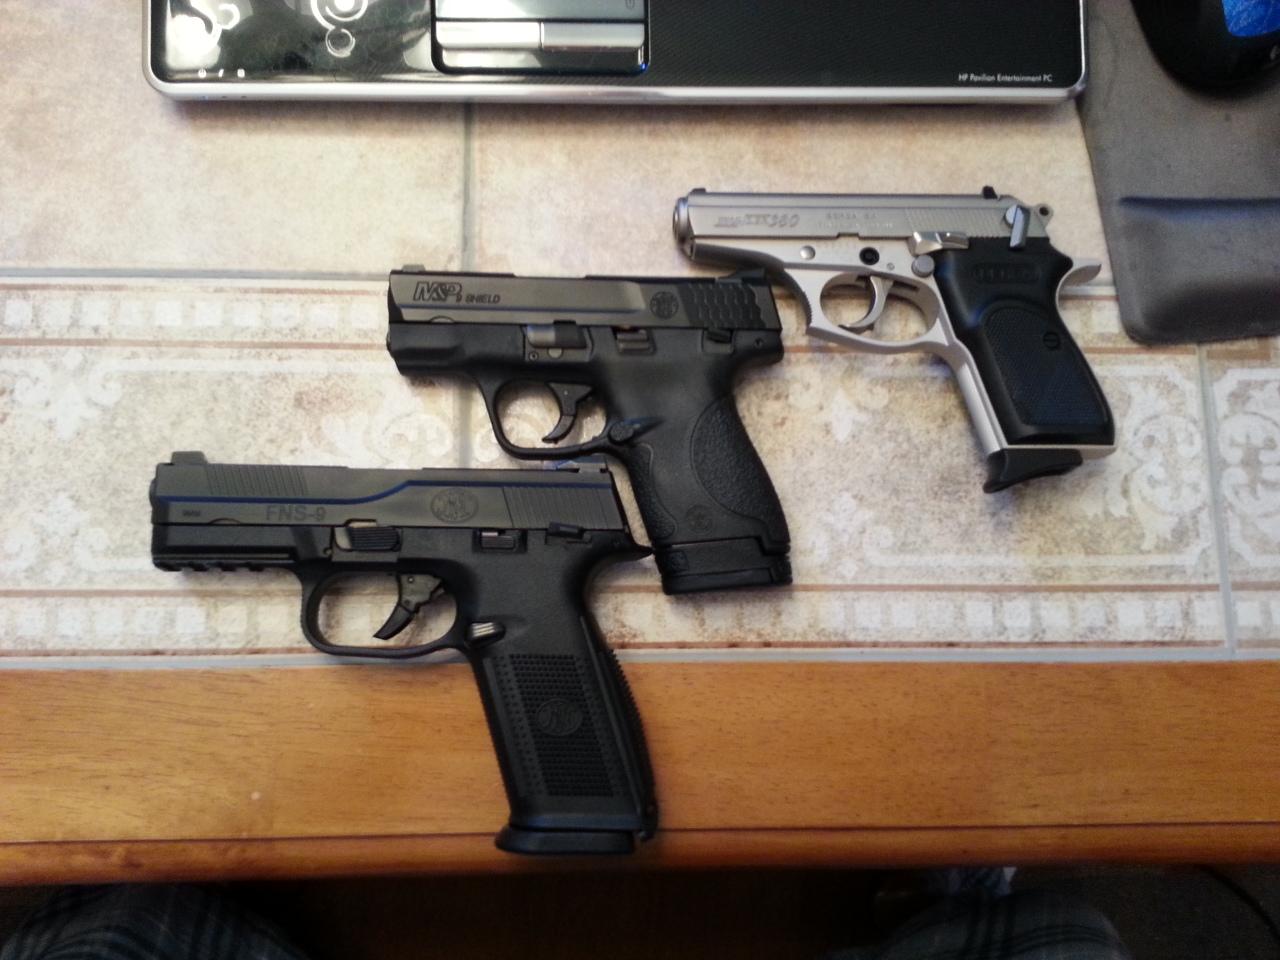 Thunder 380/PPK size & style in 9mm?-2i296ac.jpg